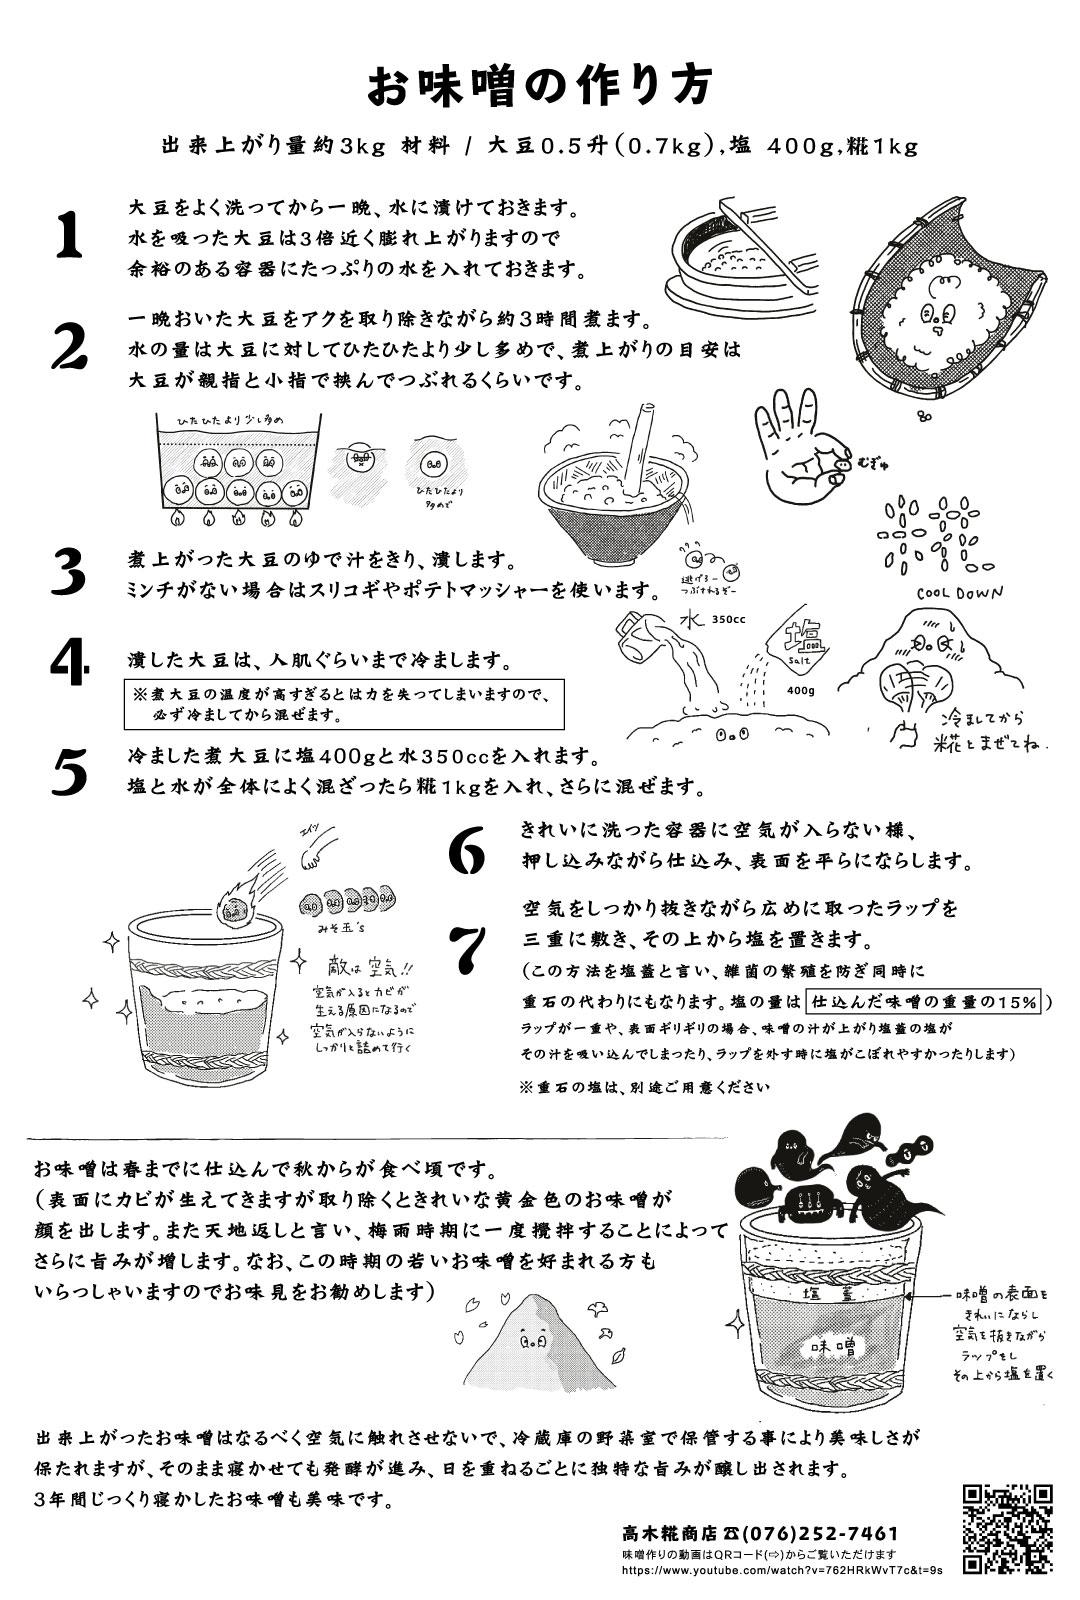 お味噌の作り方